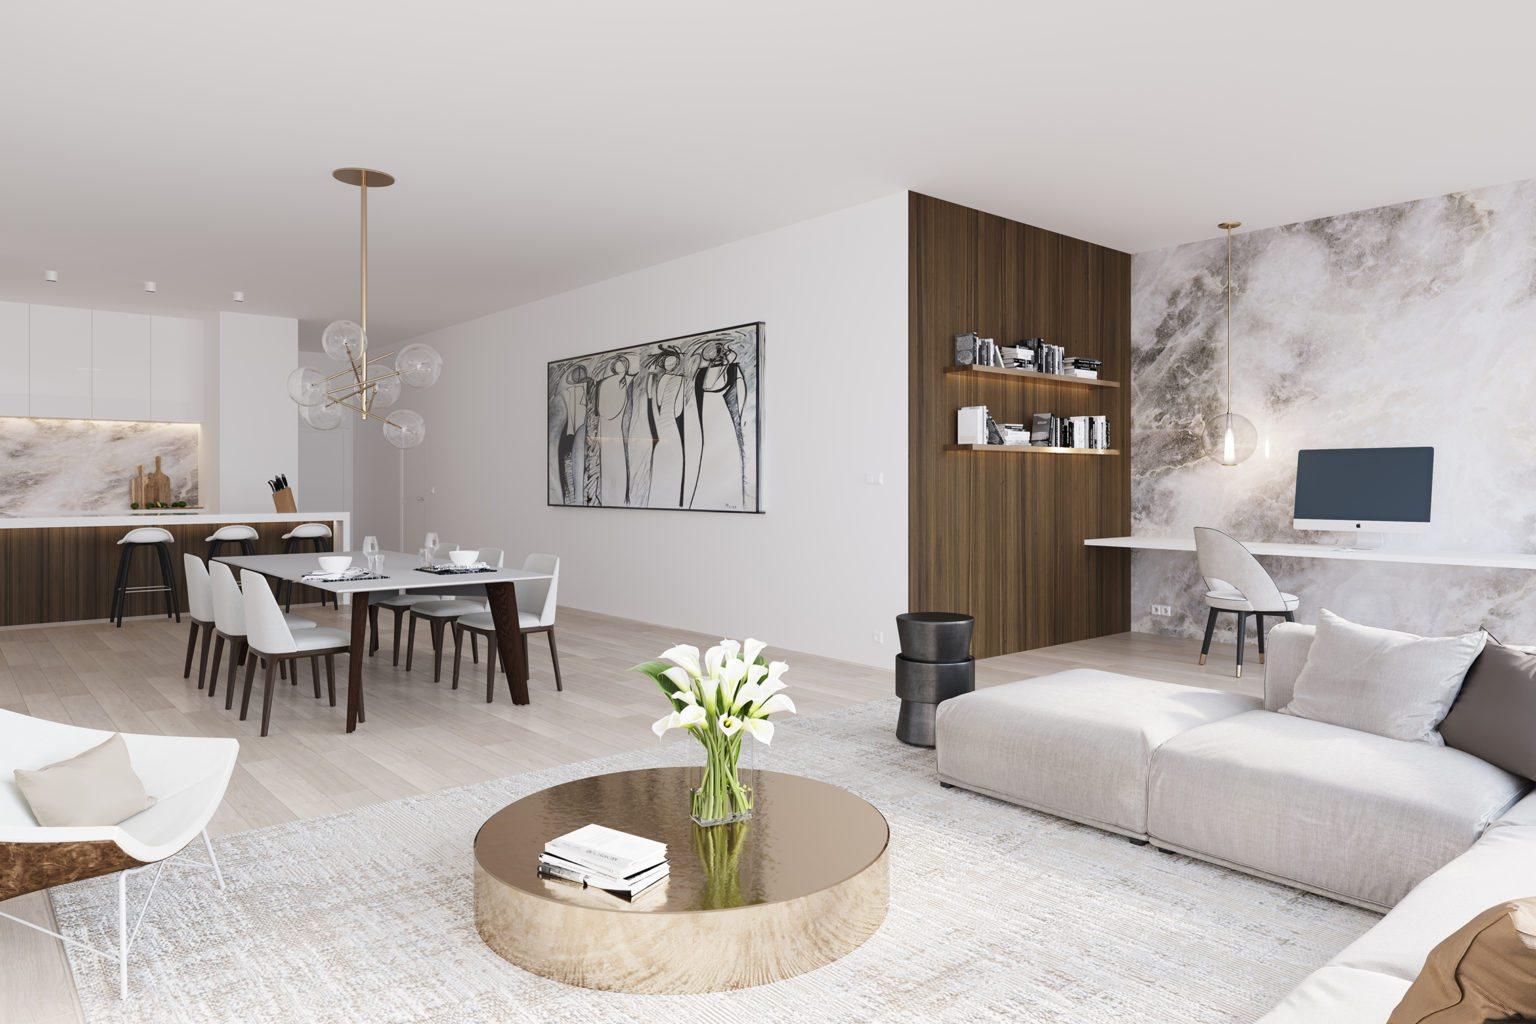 Vijf vragen die u zich moet stellen wanneer u uw eerste woning koopt